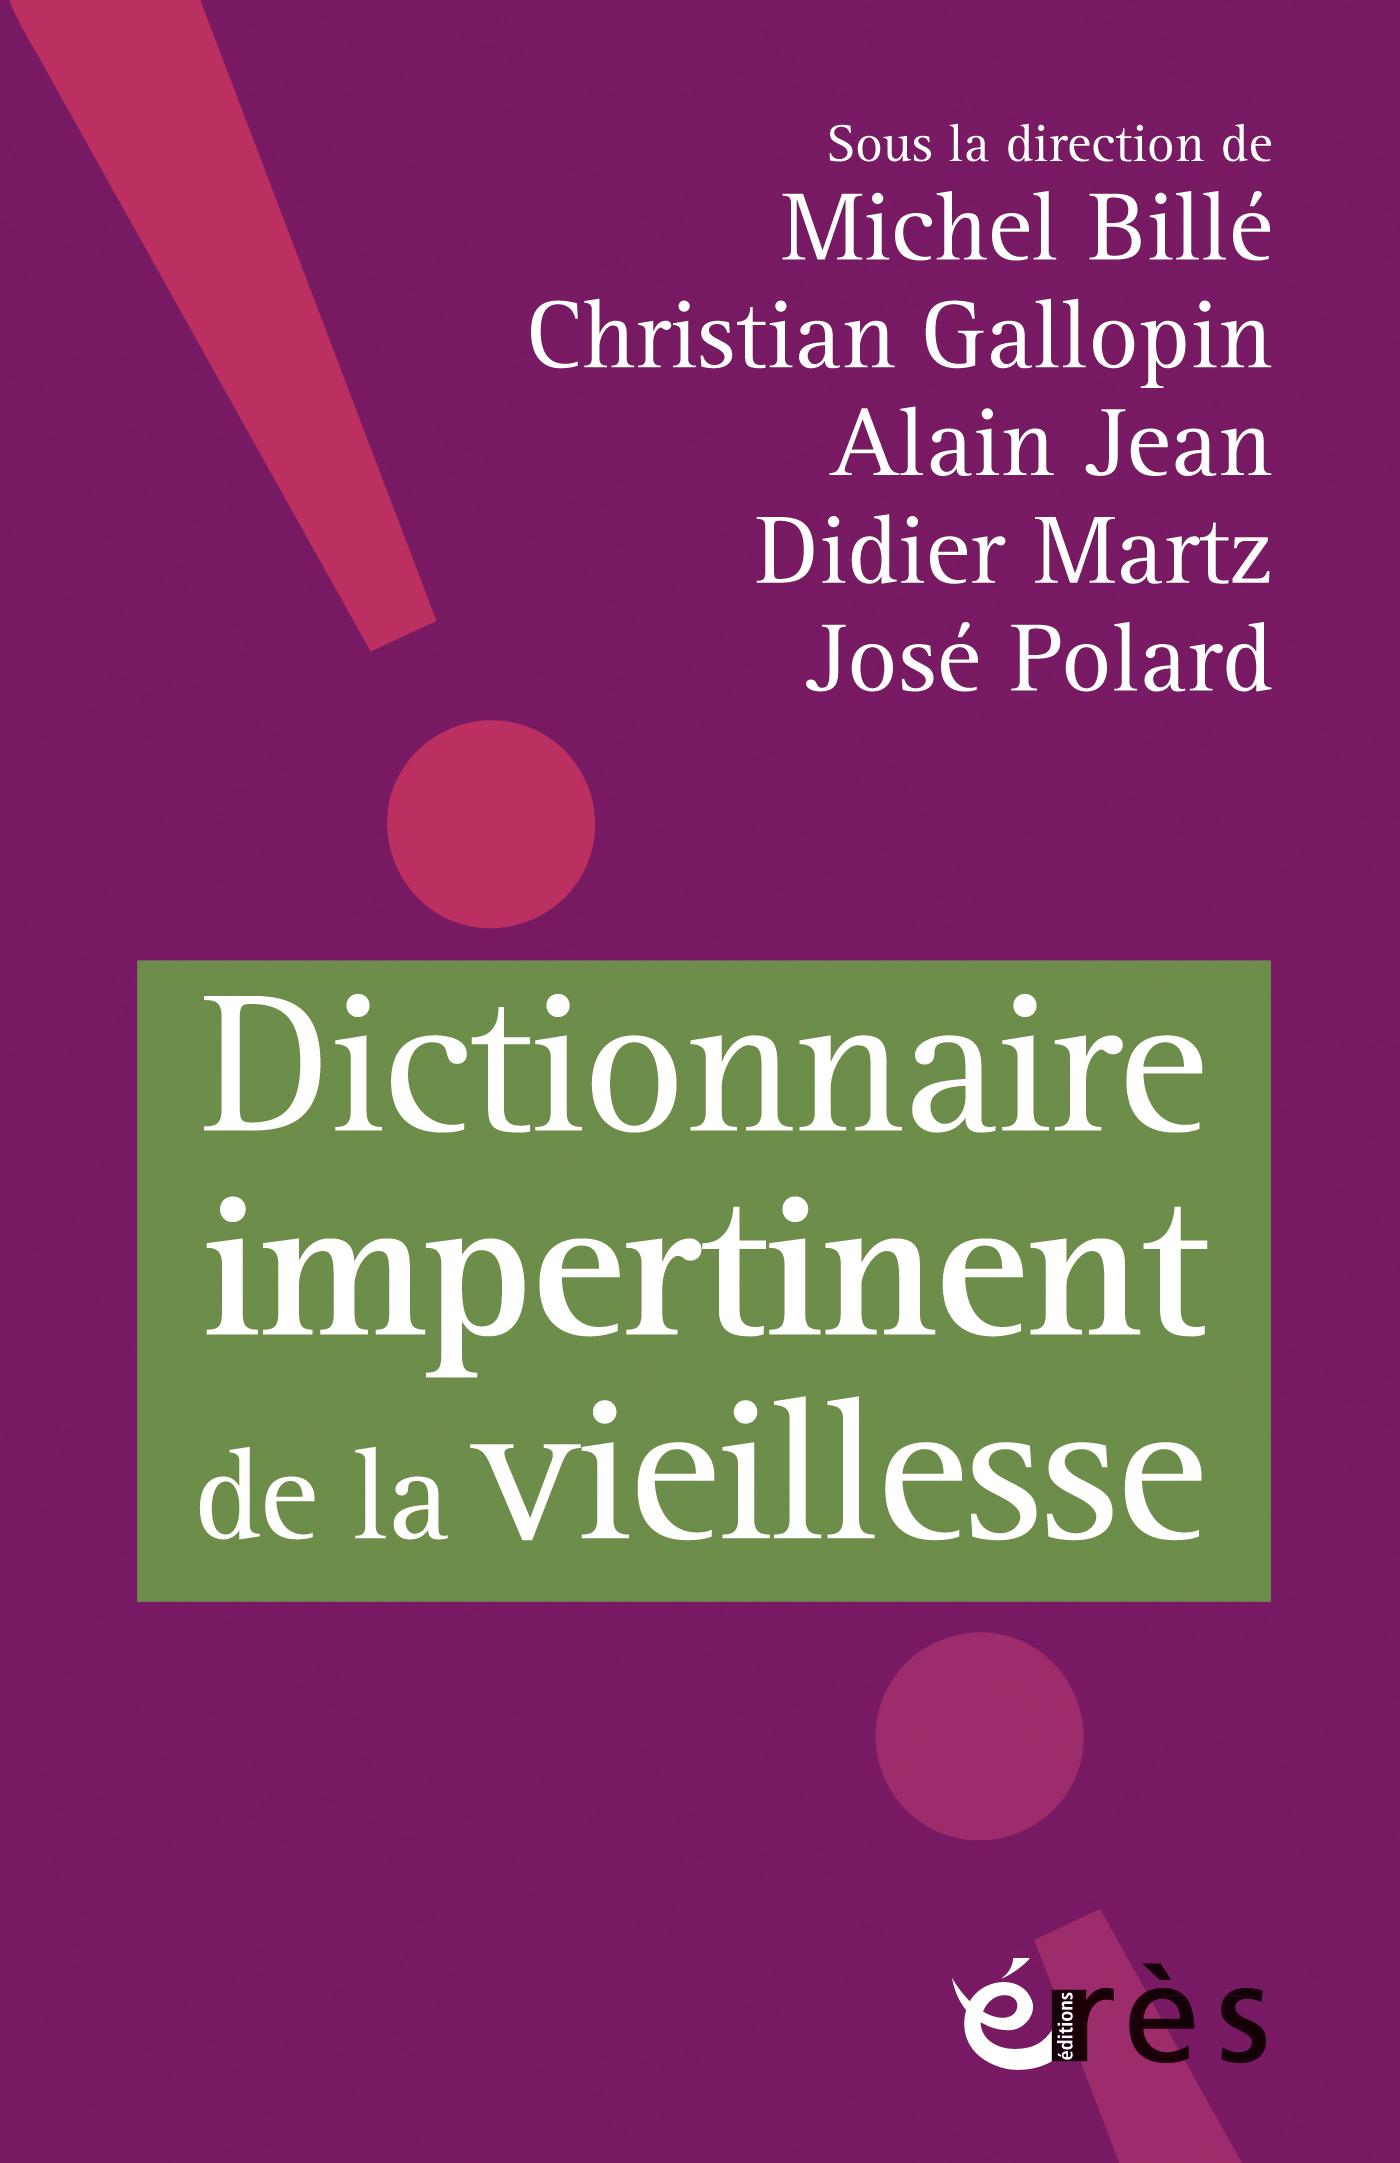 """Résultat de recherche d'images pour """"ERES Dictionnaire impertinent de la vieillesse"""""""